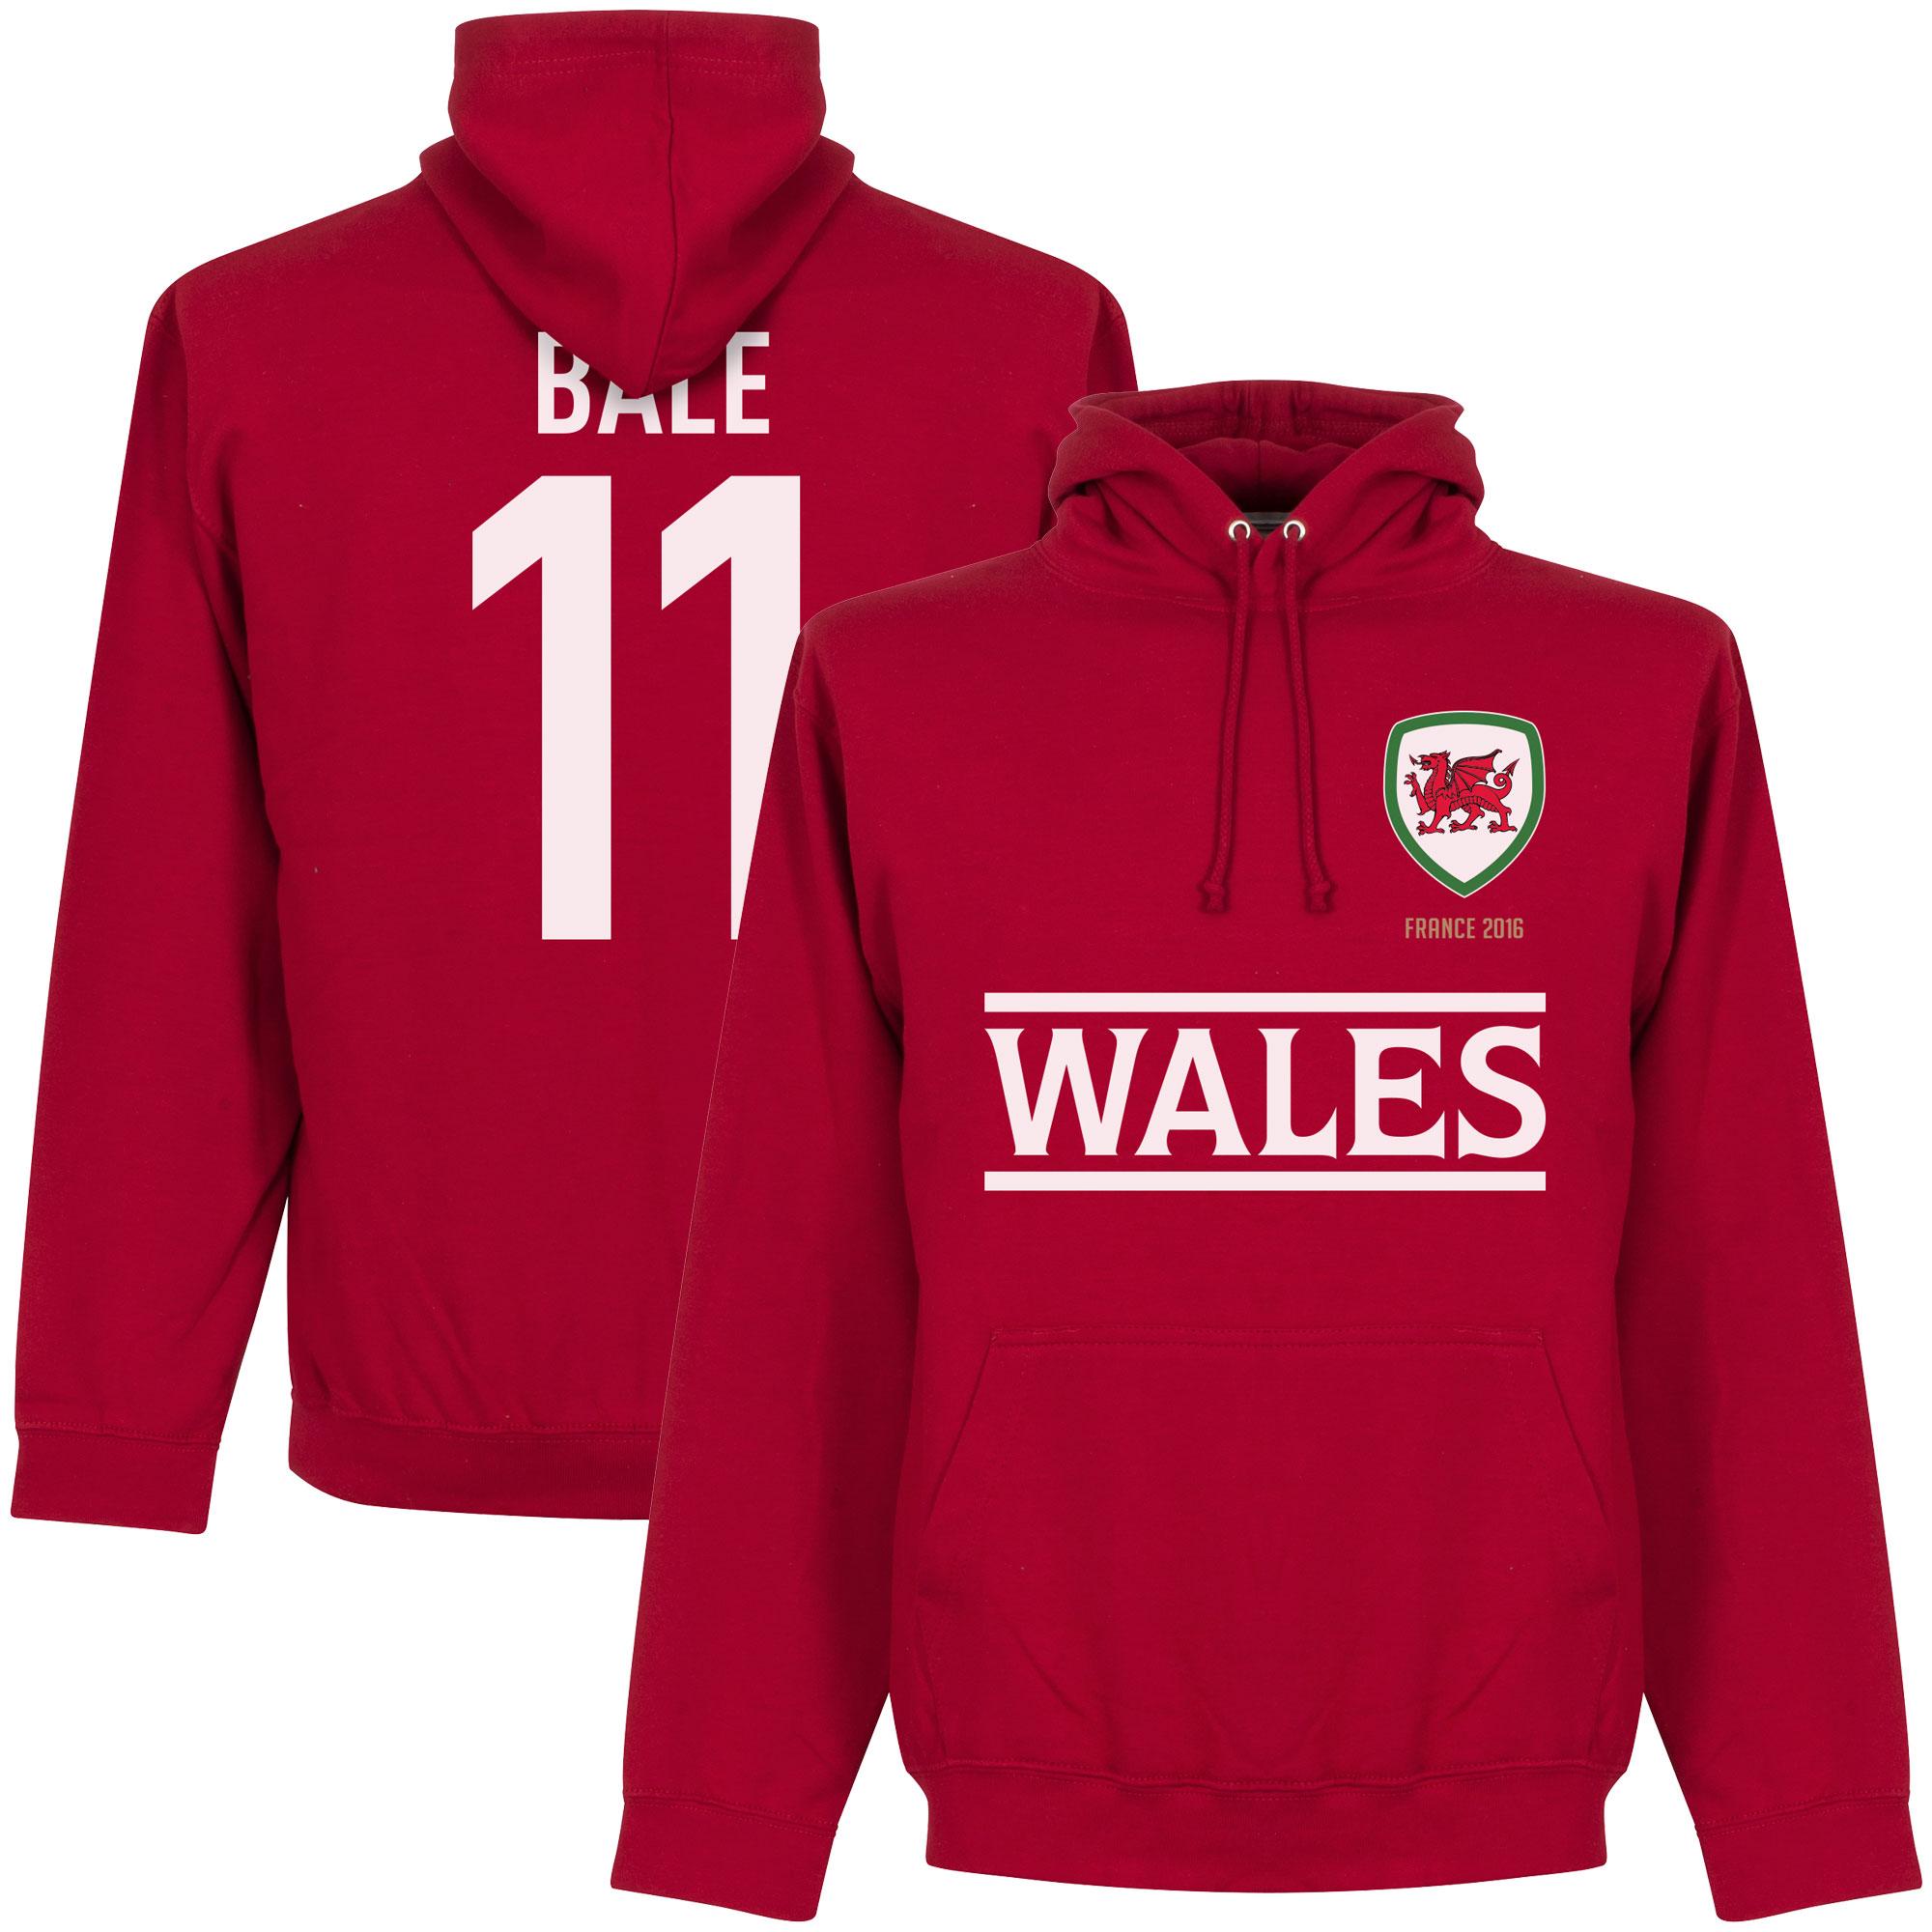 Wales Bale Team Hoodie - Red - S